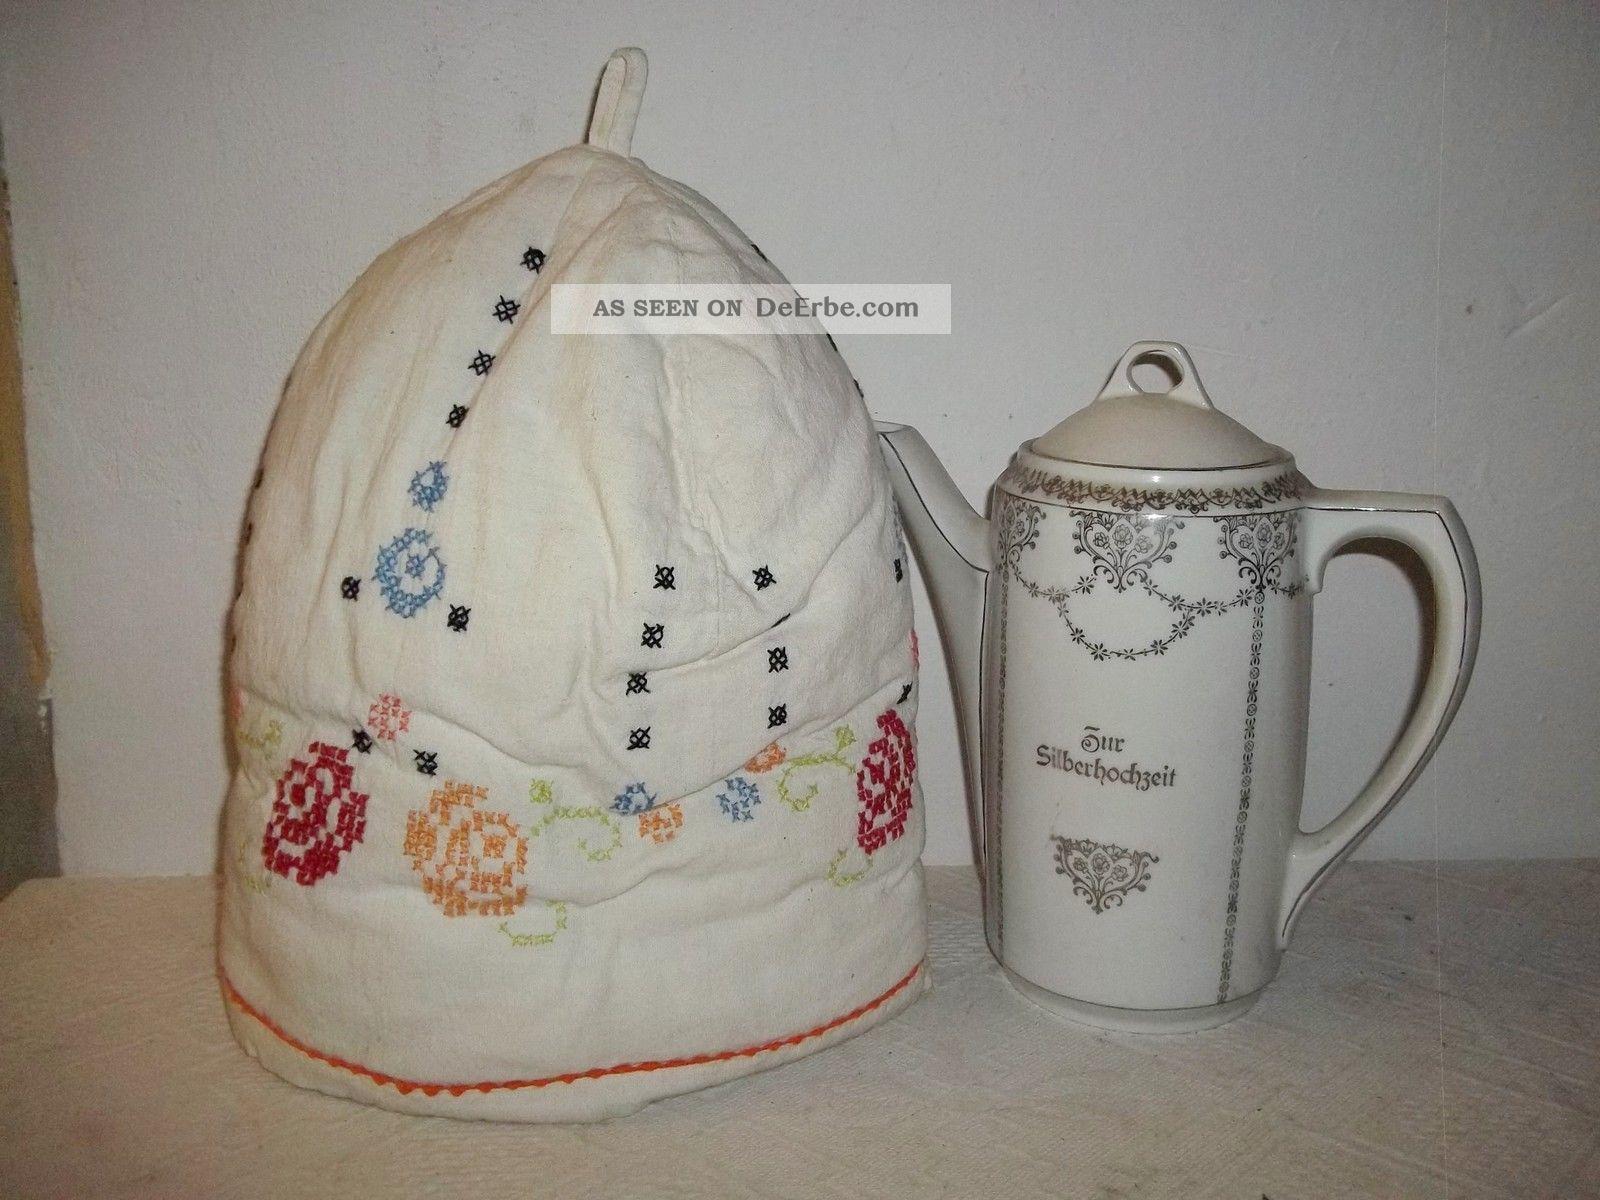 Wohnzimmerschrank Um 1950 Alte Kaffeemtze Kaffeewrmer Kannenwrmer Stoff Stickerei